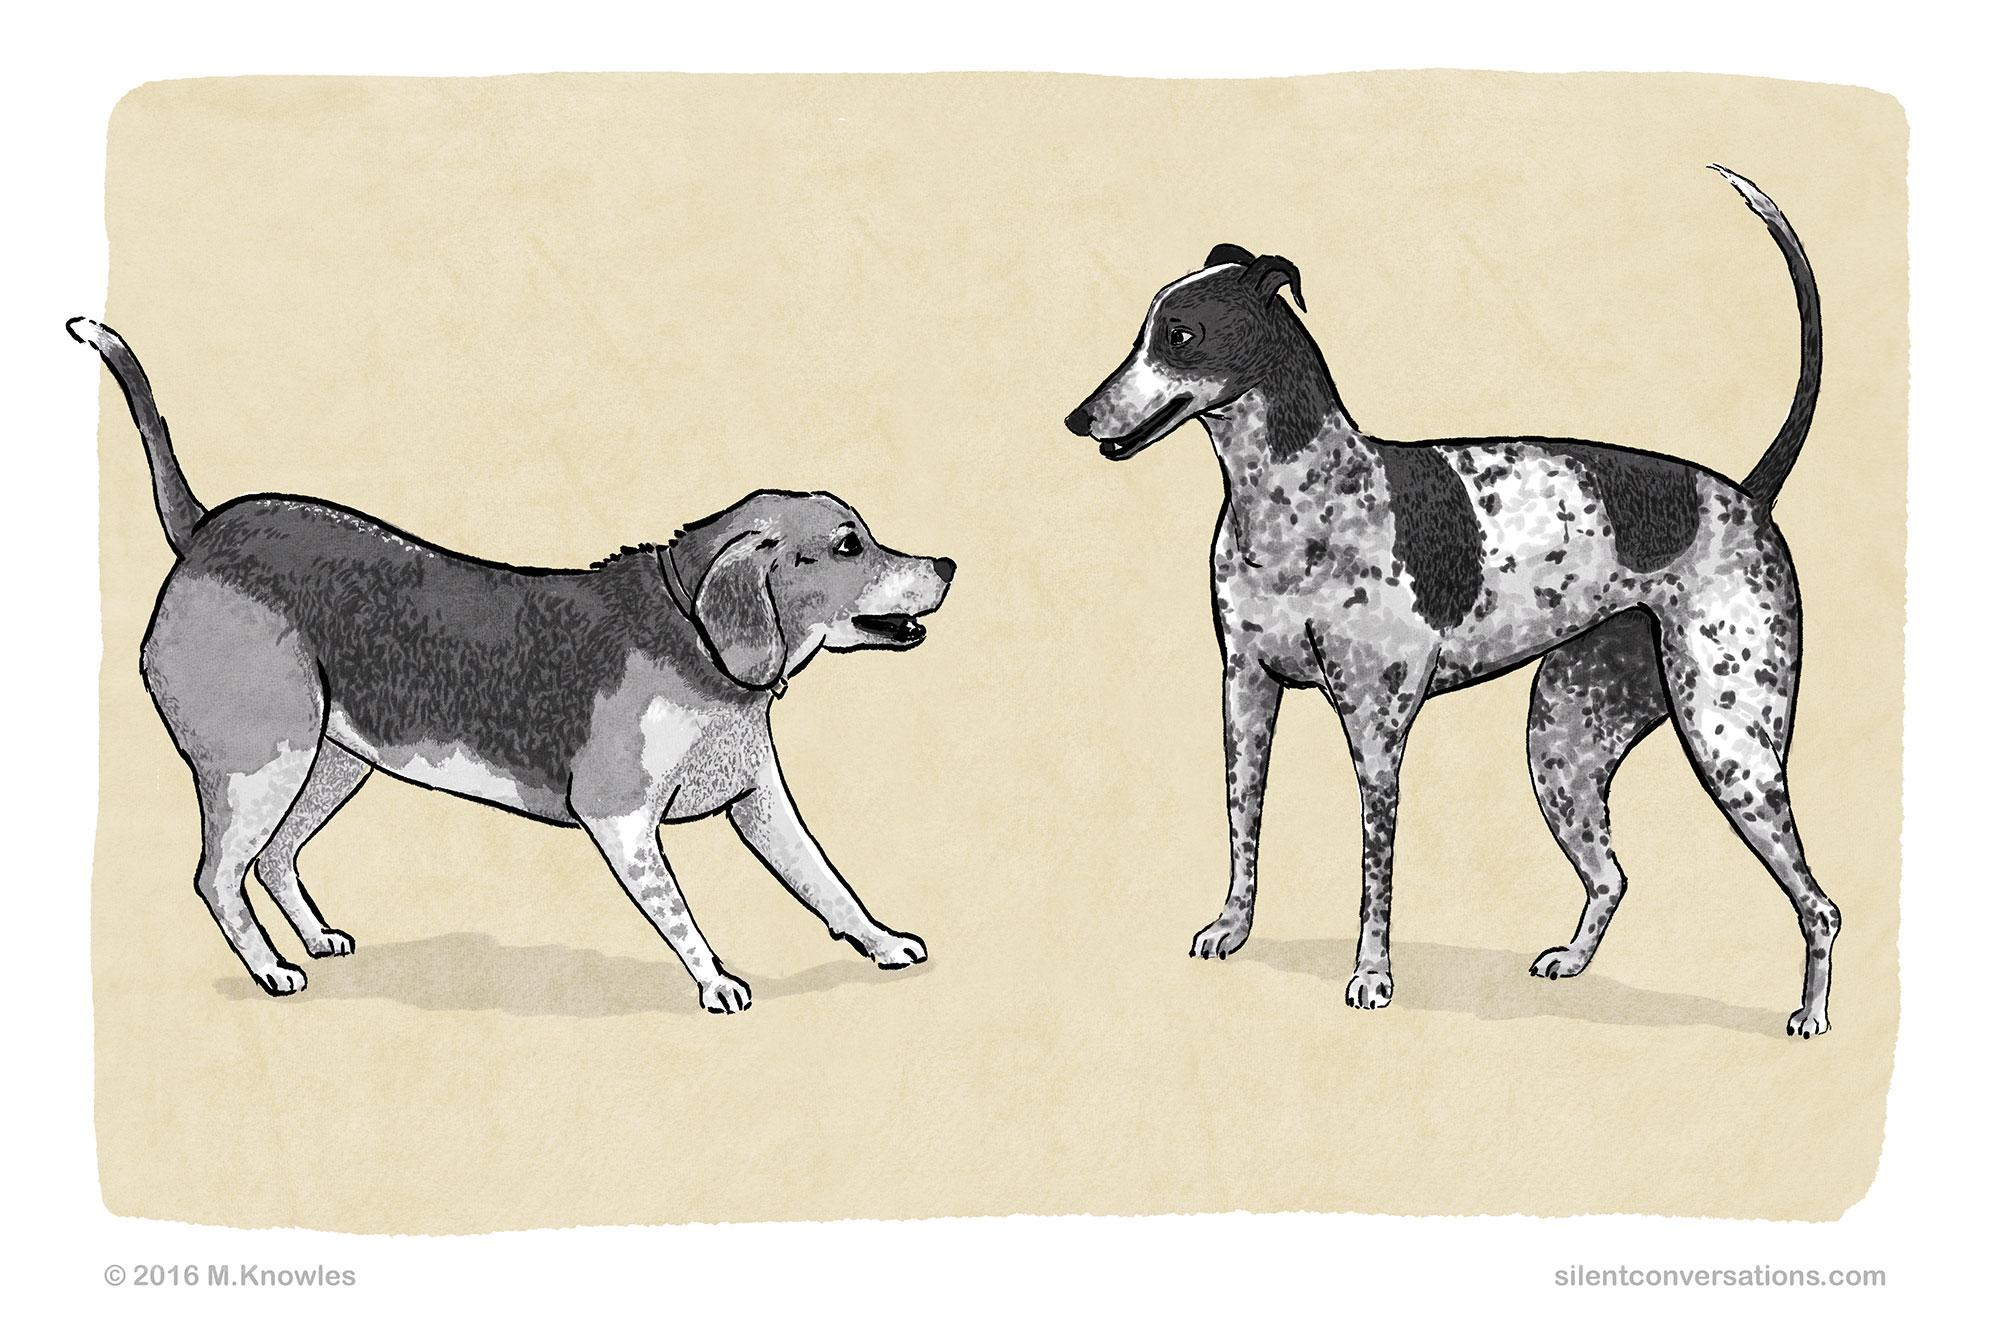 Benefits of learning dog body language